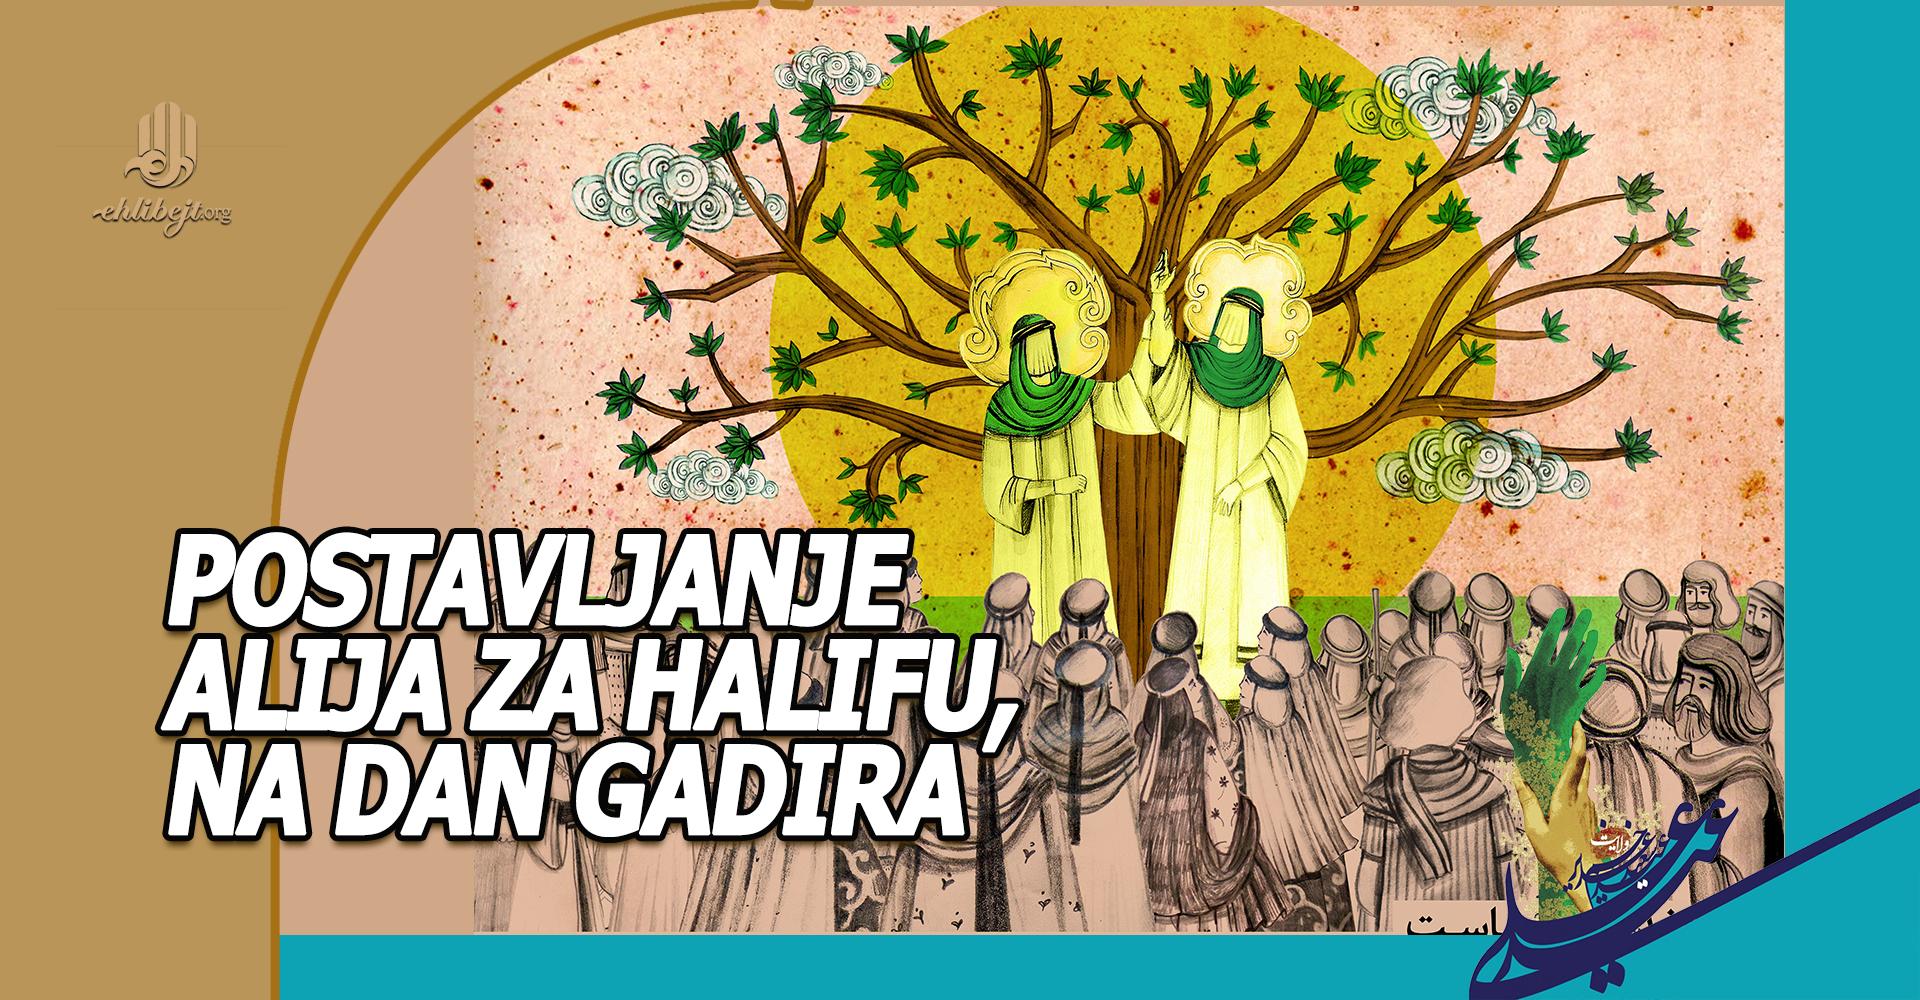 Postavljanje Alija za halifu, na dan Gadira